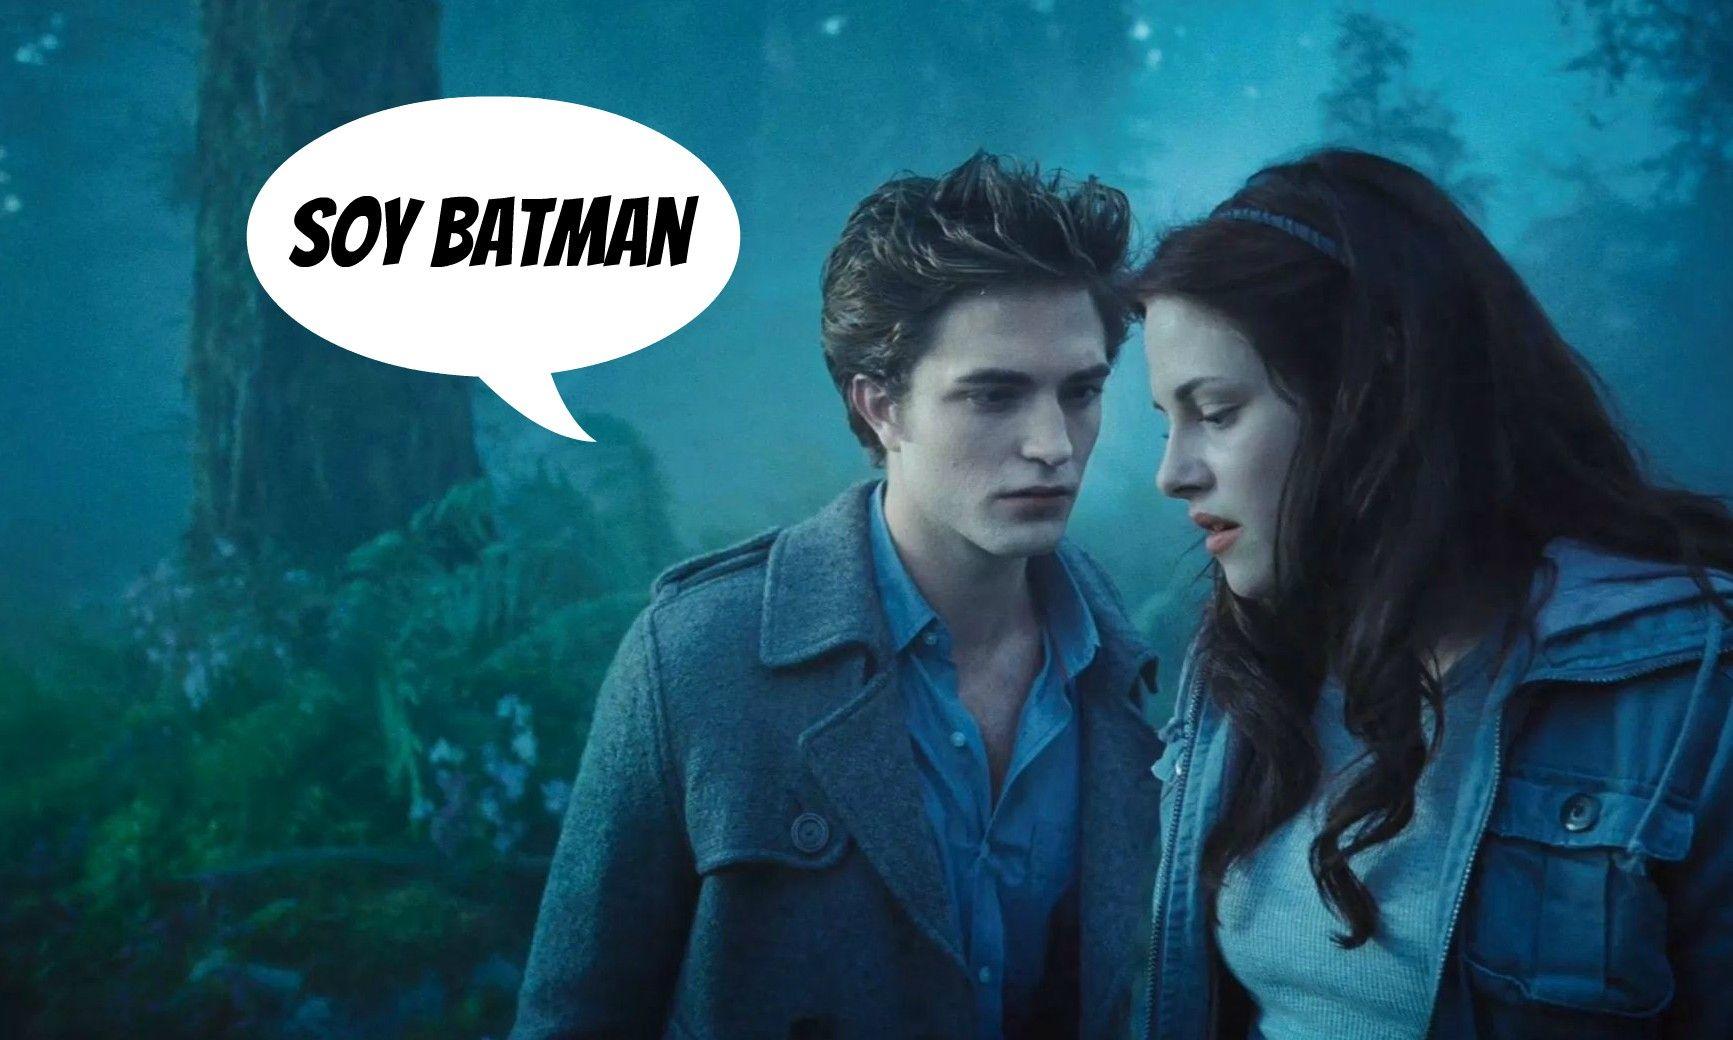 Por qué Robert Pattinson sí puede ser un buen Batman